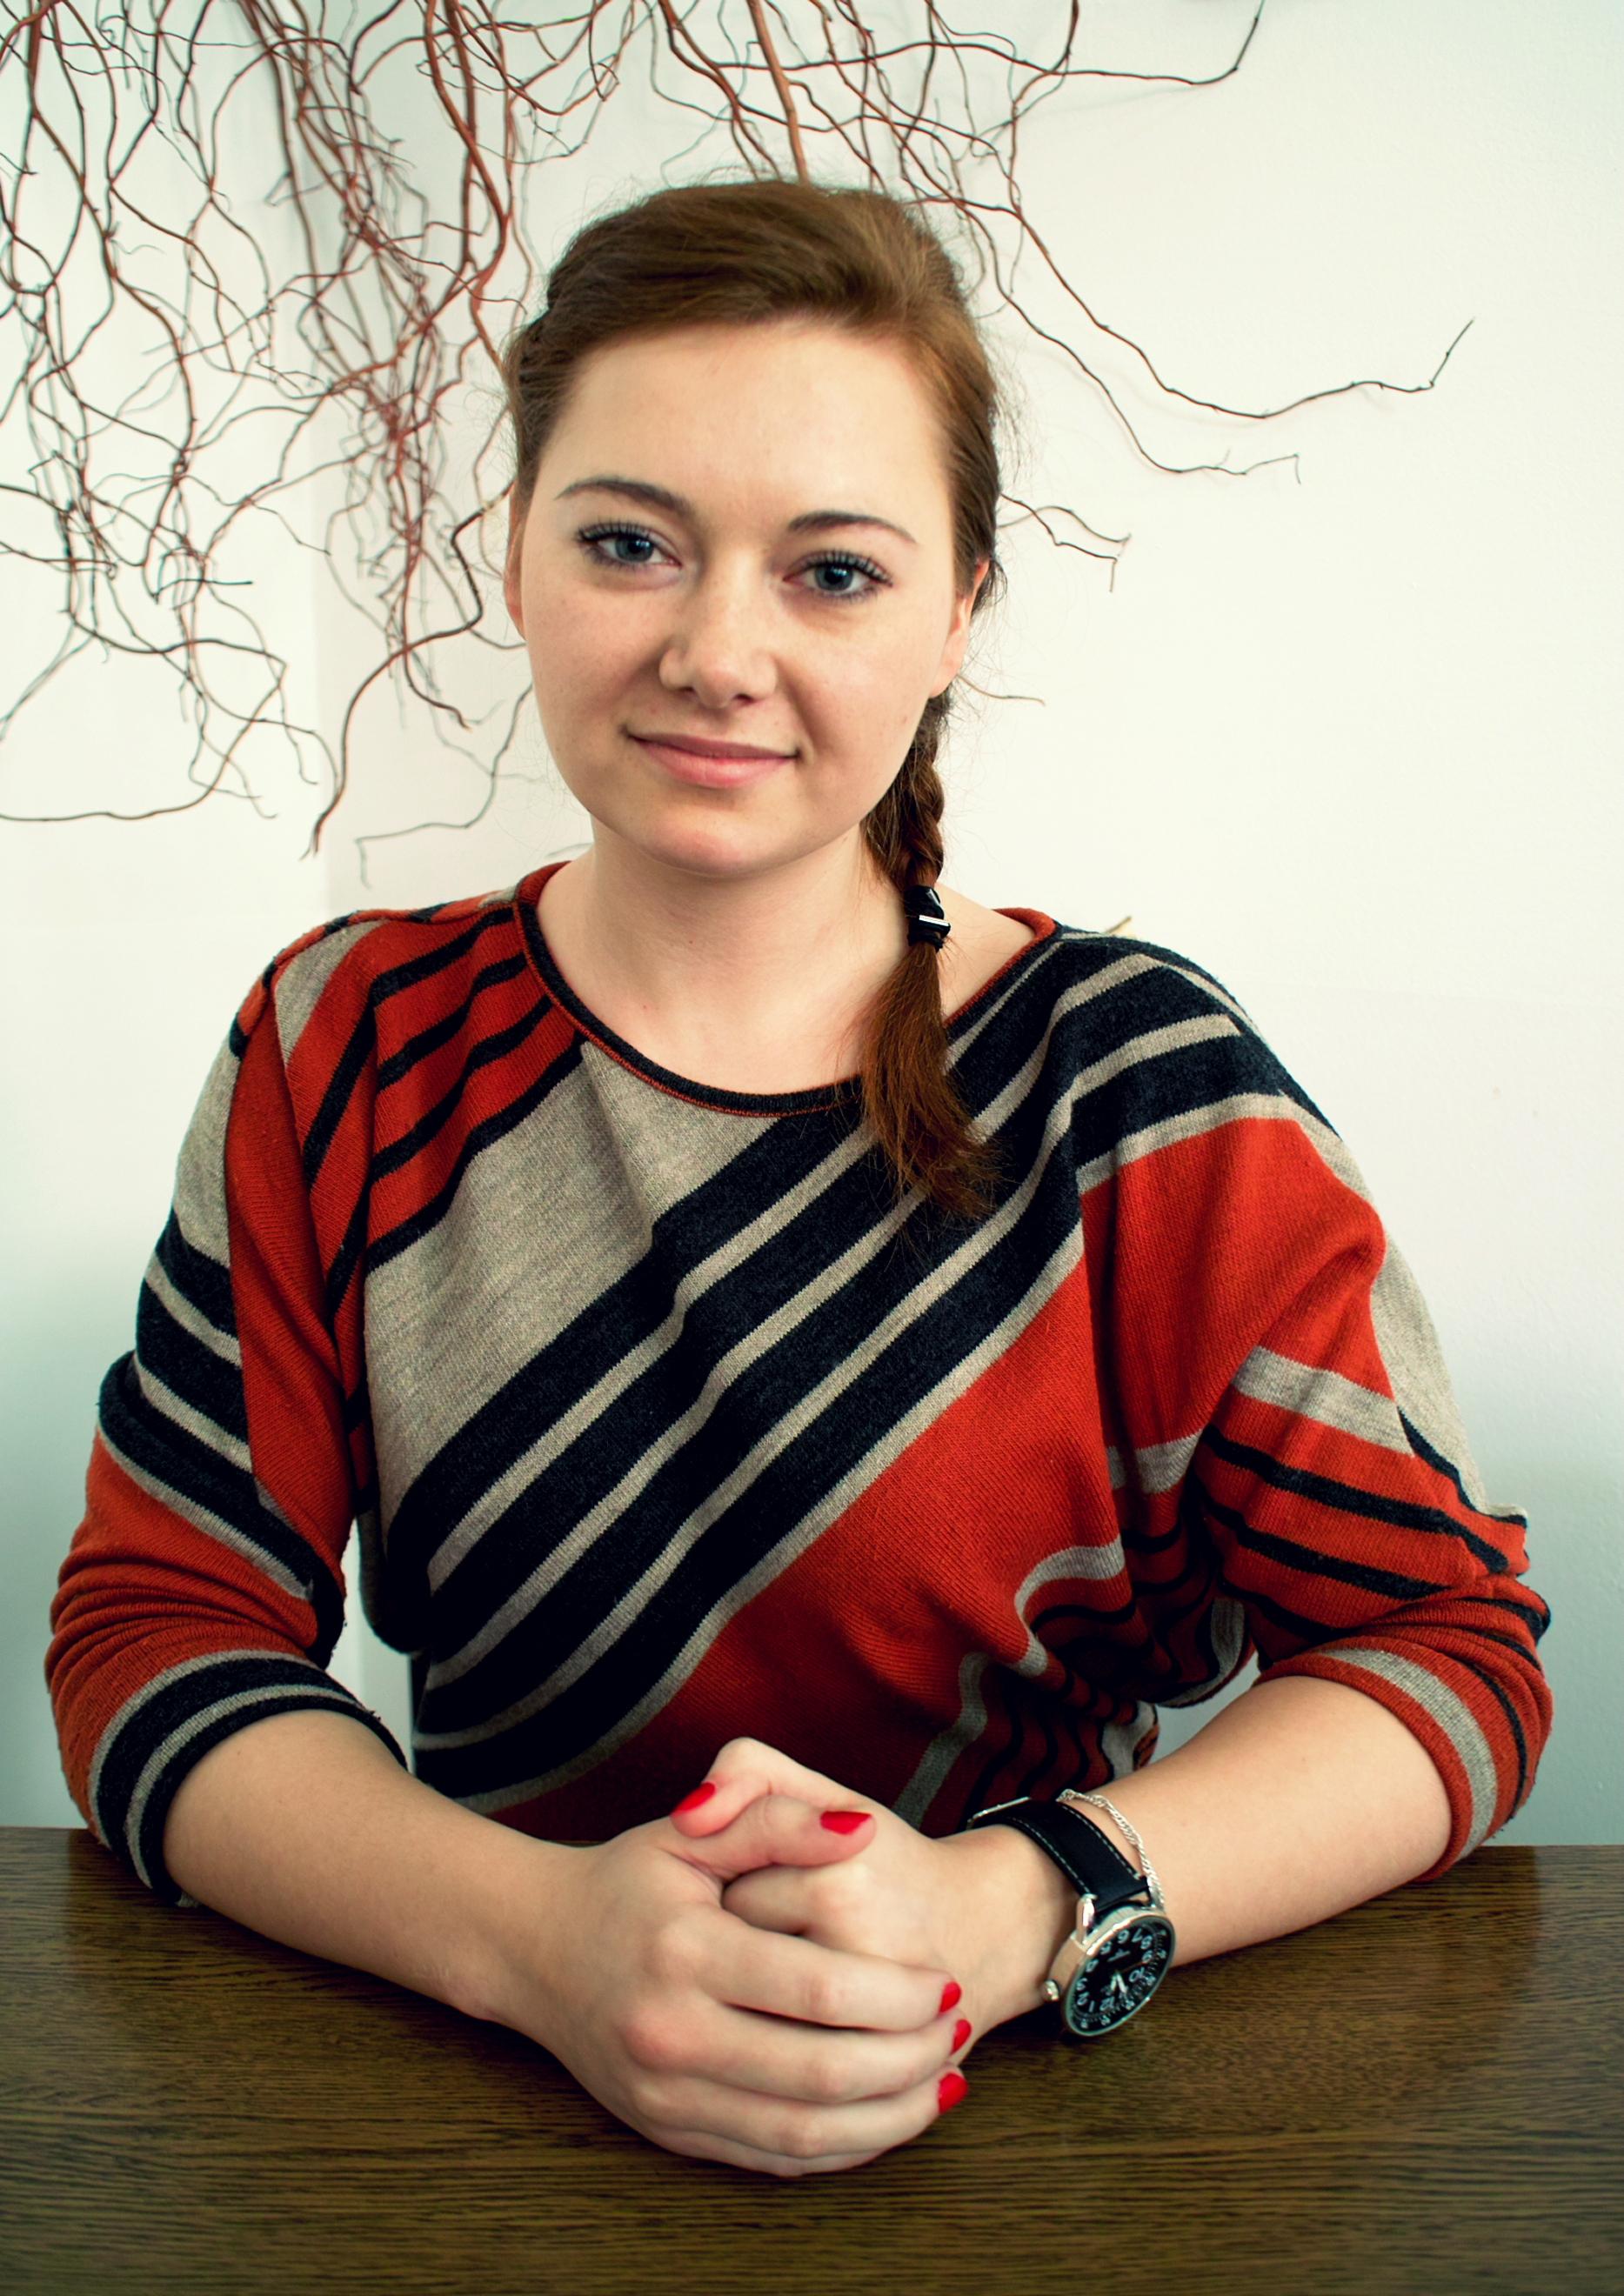 Lider Zachodniopomorski Natalia Wietrzycka